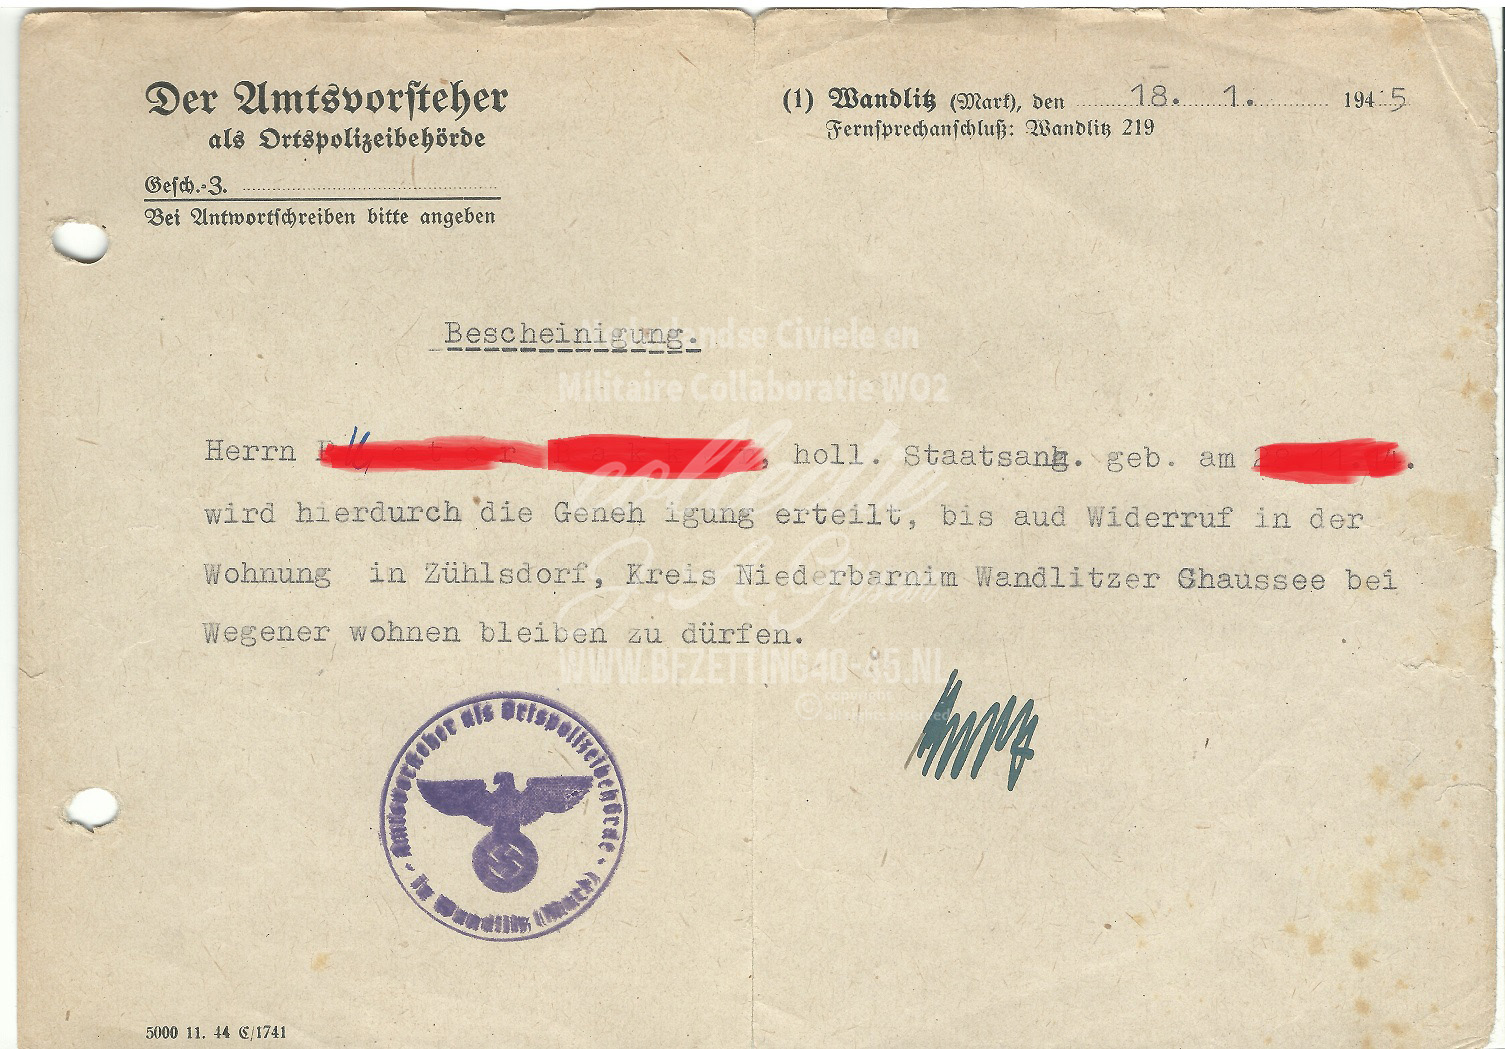 Der Umtsorsteher als Ortspolizeibehörde Bescheinigung 18-1-1945.